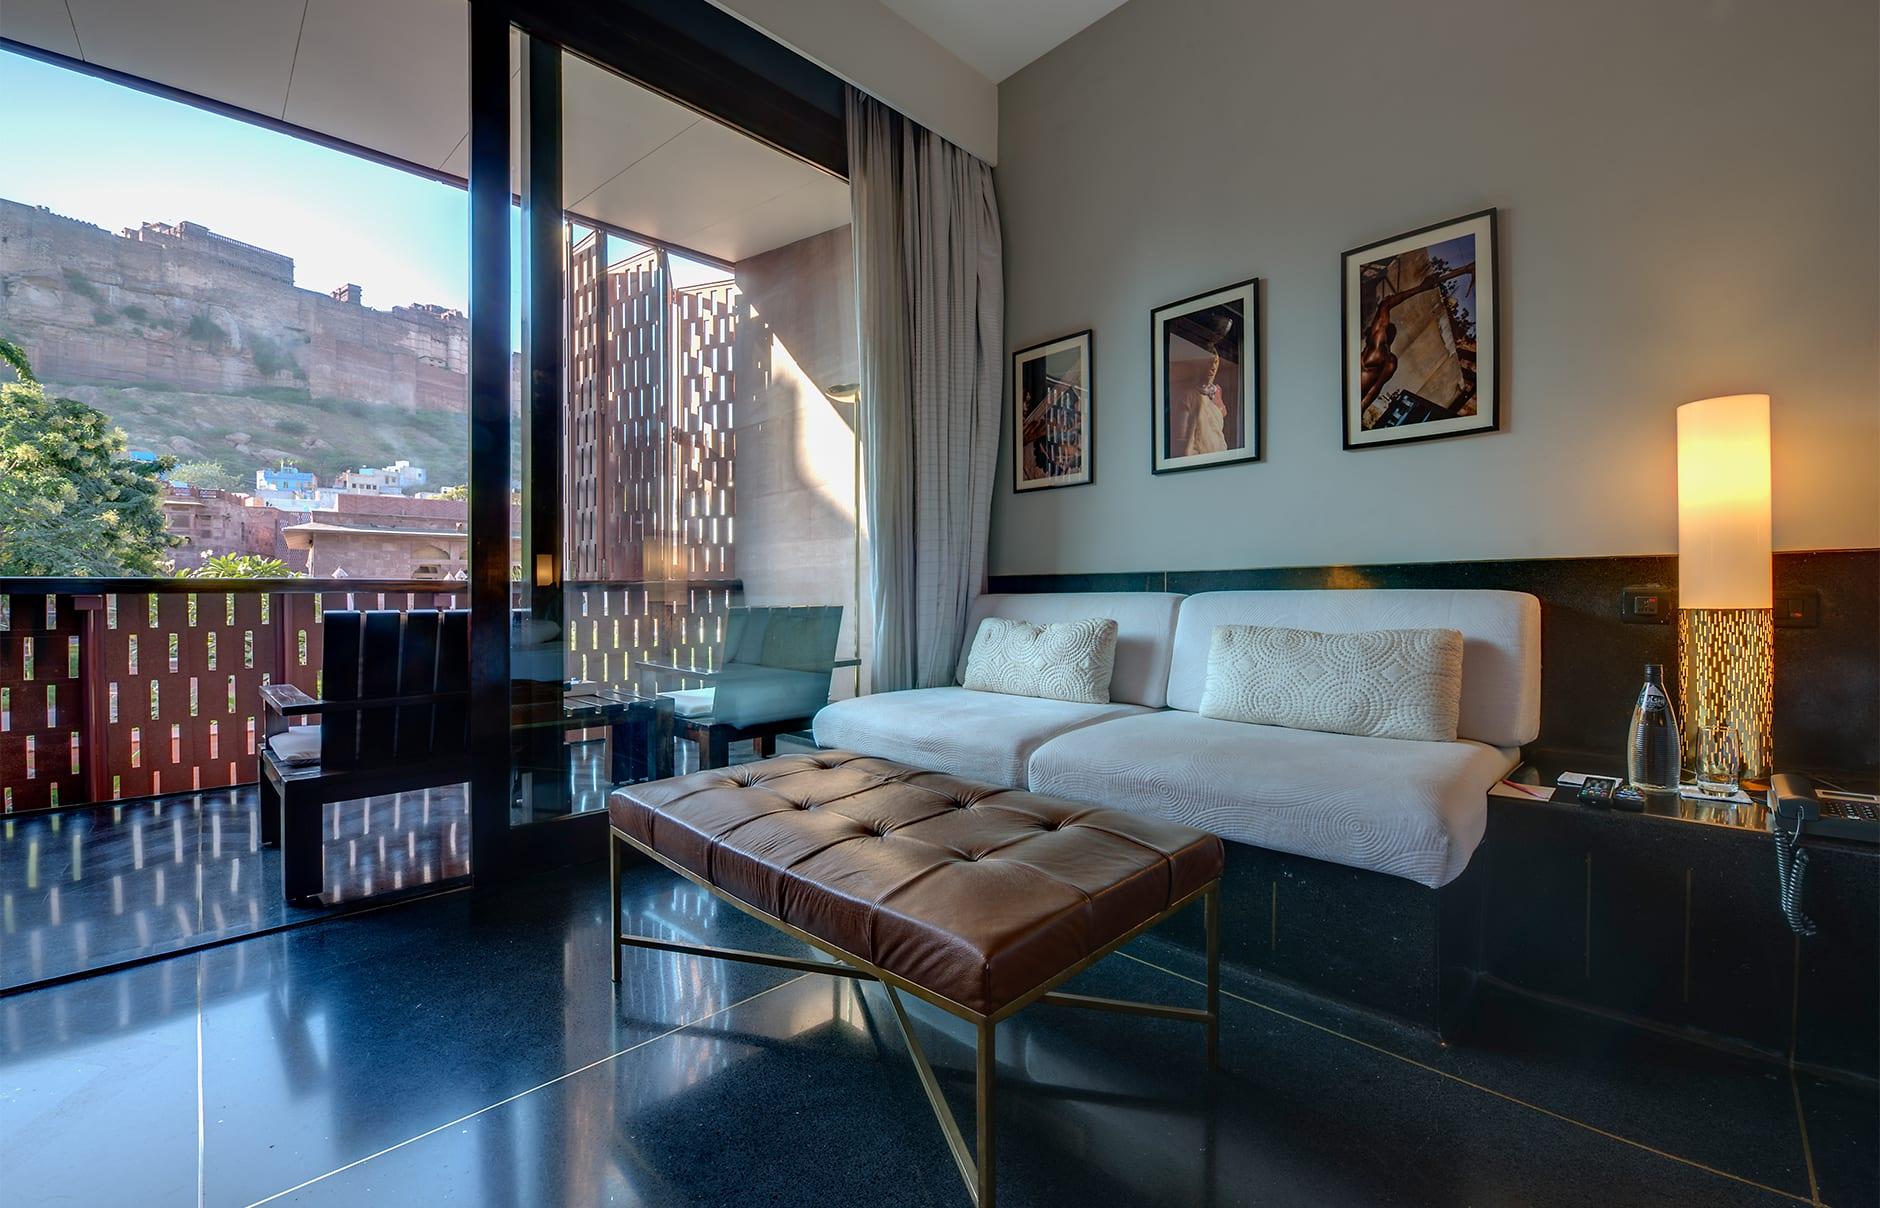 Luxury Room. Raas Jodhpur, India. © Rass